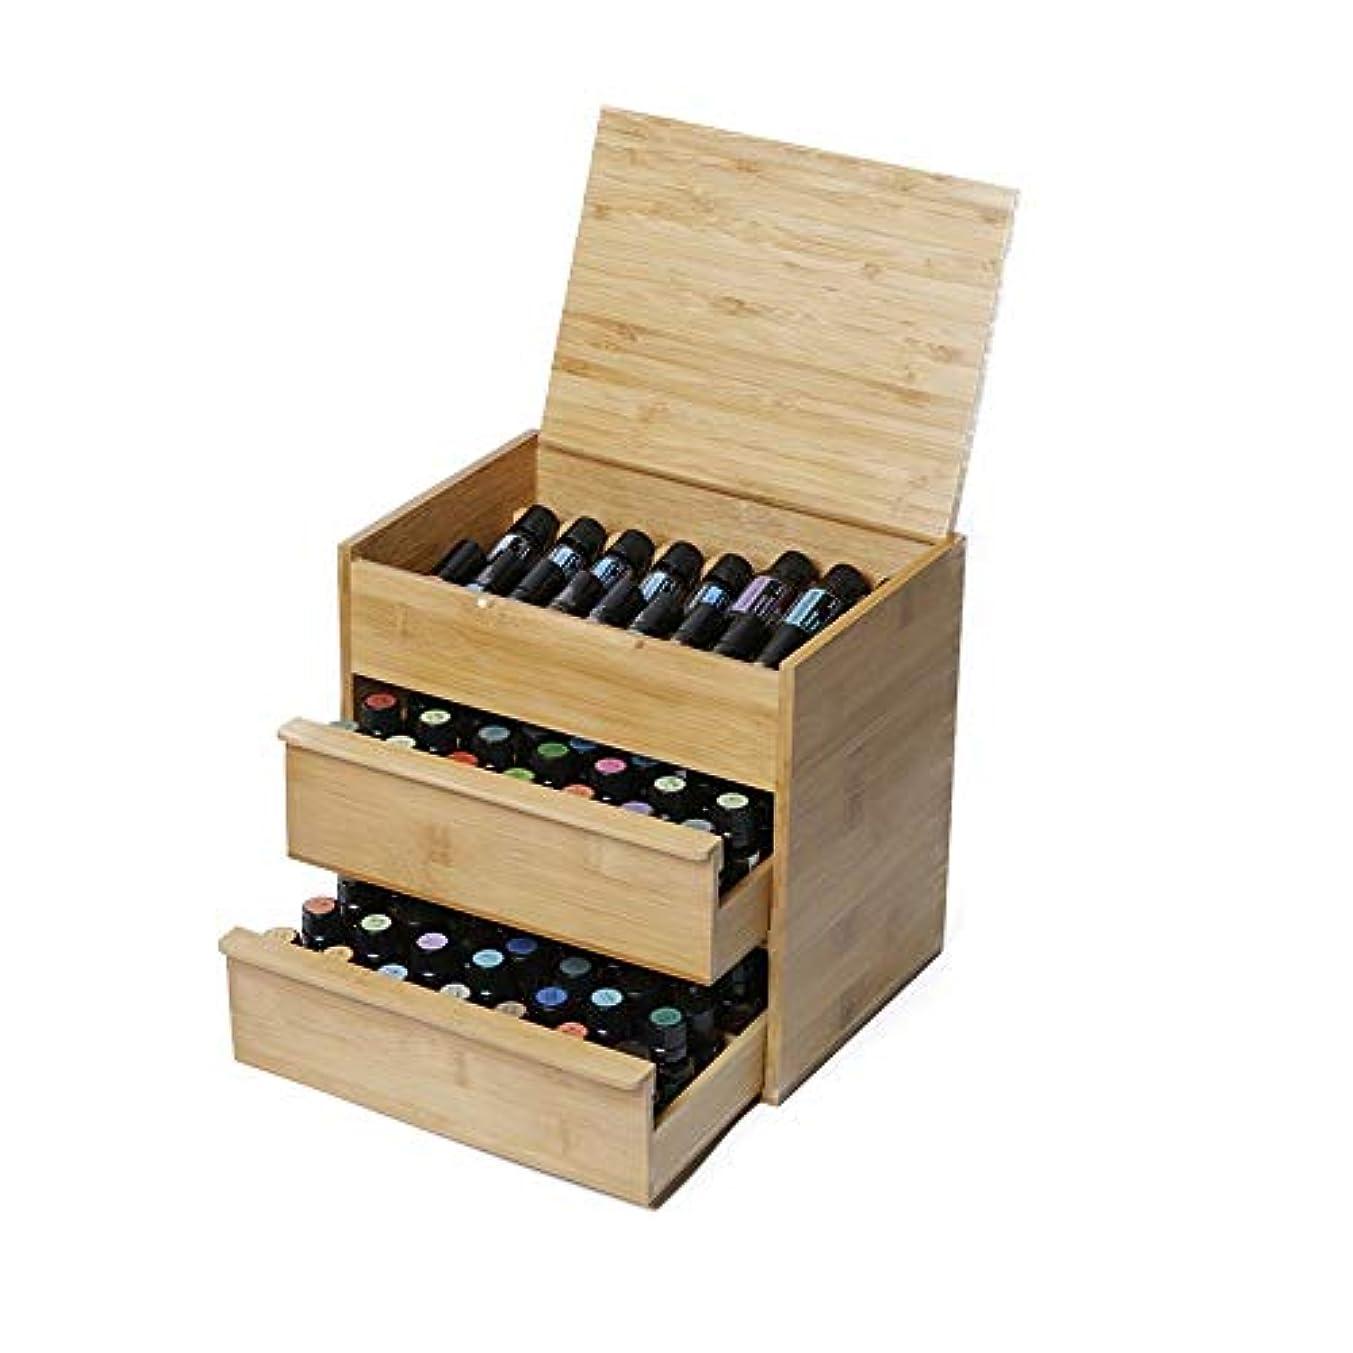 葡萄服を洗う縫う88スロット木エッセンシャルオイルボックス3ティアボード内部リムーバブルは15/10/5 M1のボトル天然竹を開催します アロマセラピー製品 (色 : Natural, サイズ : 26.5X24.5X19CM)